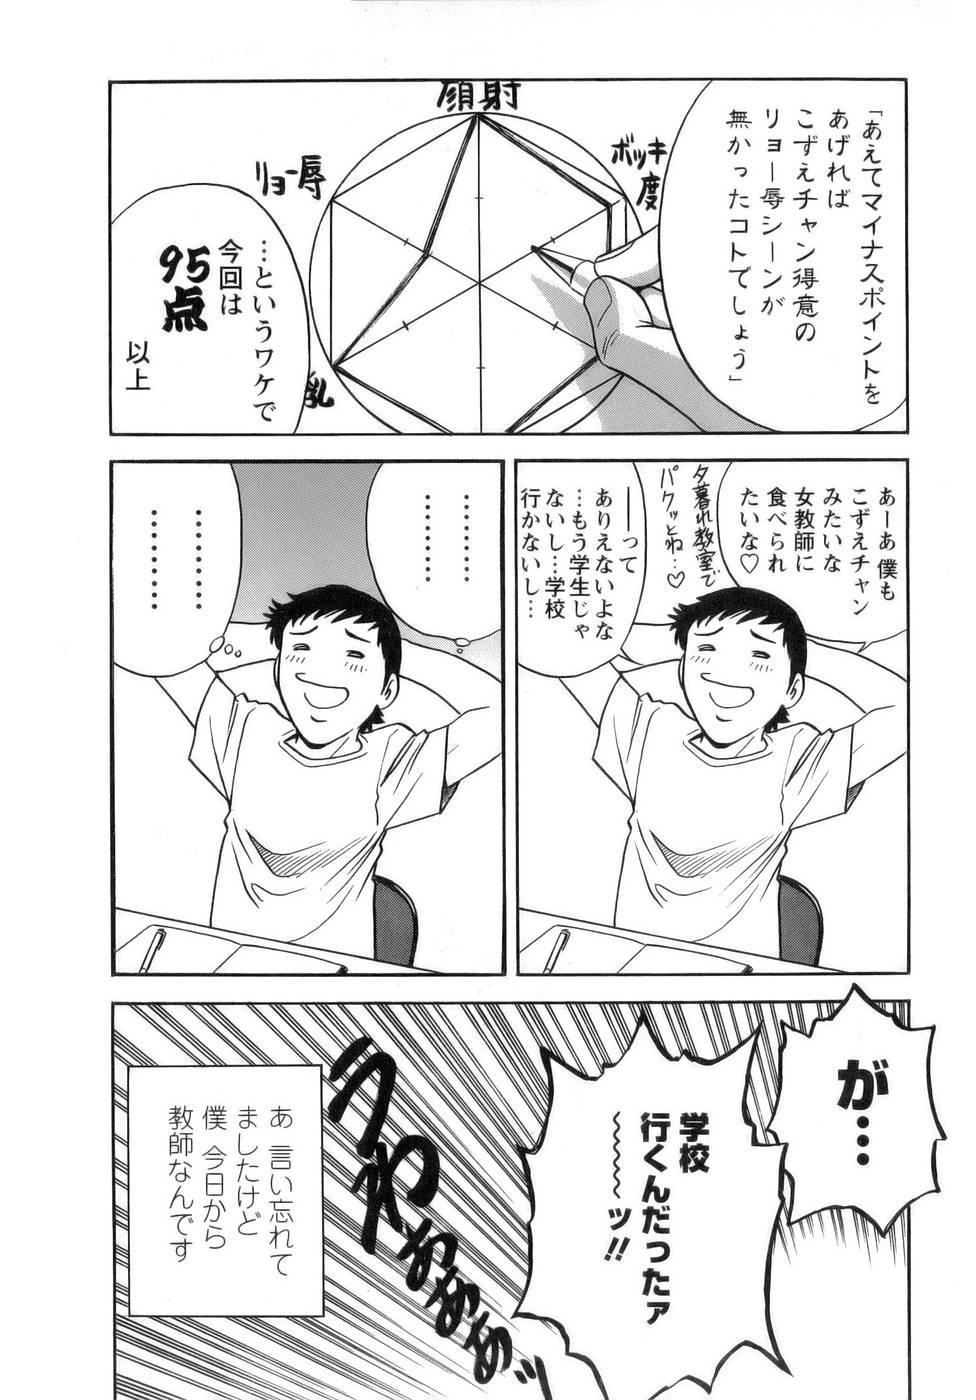 [Hidemaru] Mo-Retsu! Boin Sensei (Boing Boing Teacher) Vol.1 12